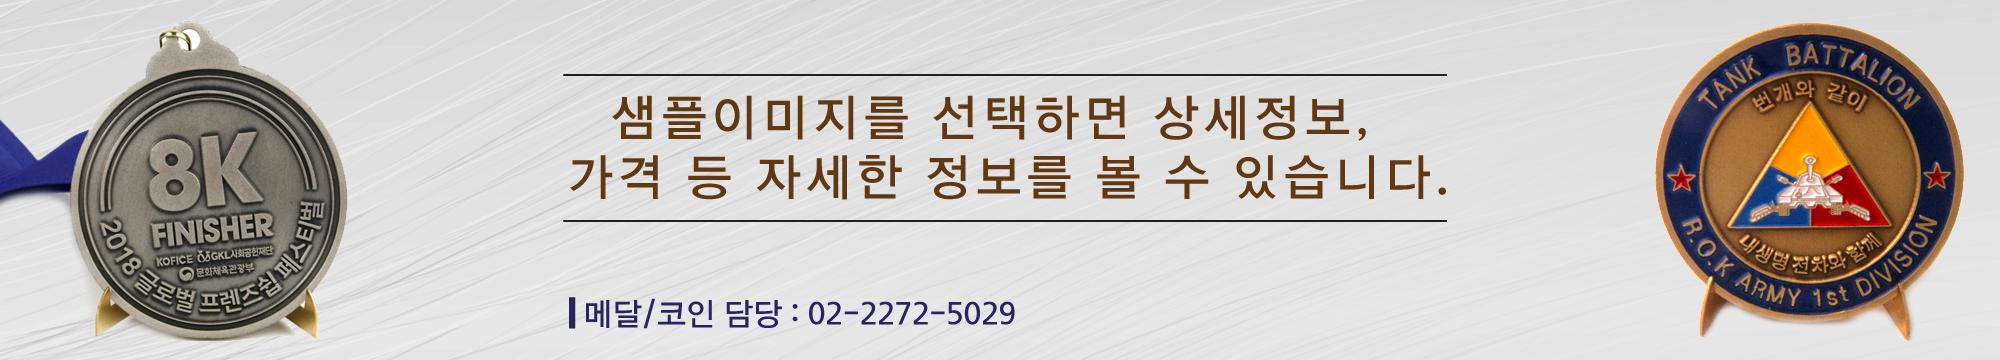 e1cd23737c86b267708a9baa34915e5e_1581493206_7652.jpg